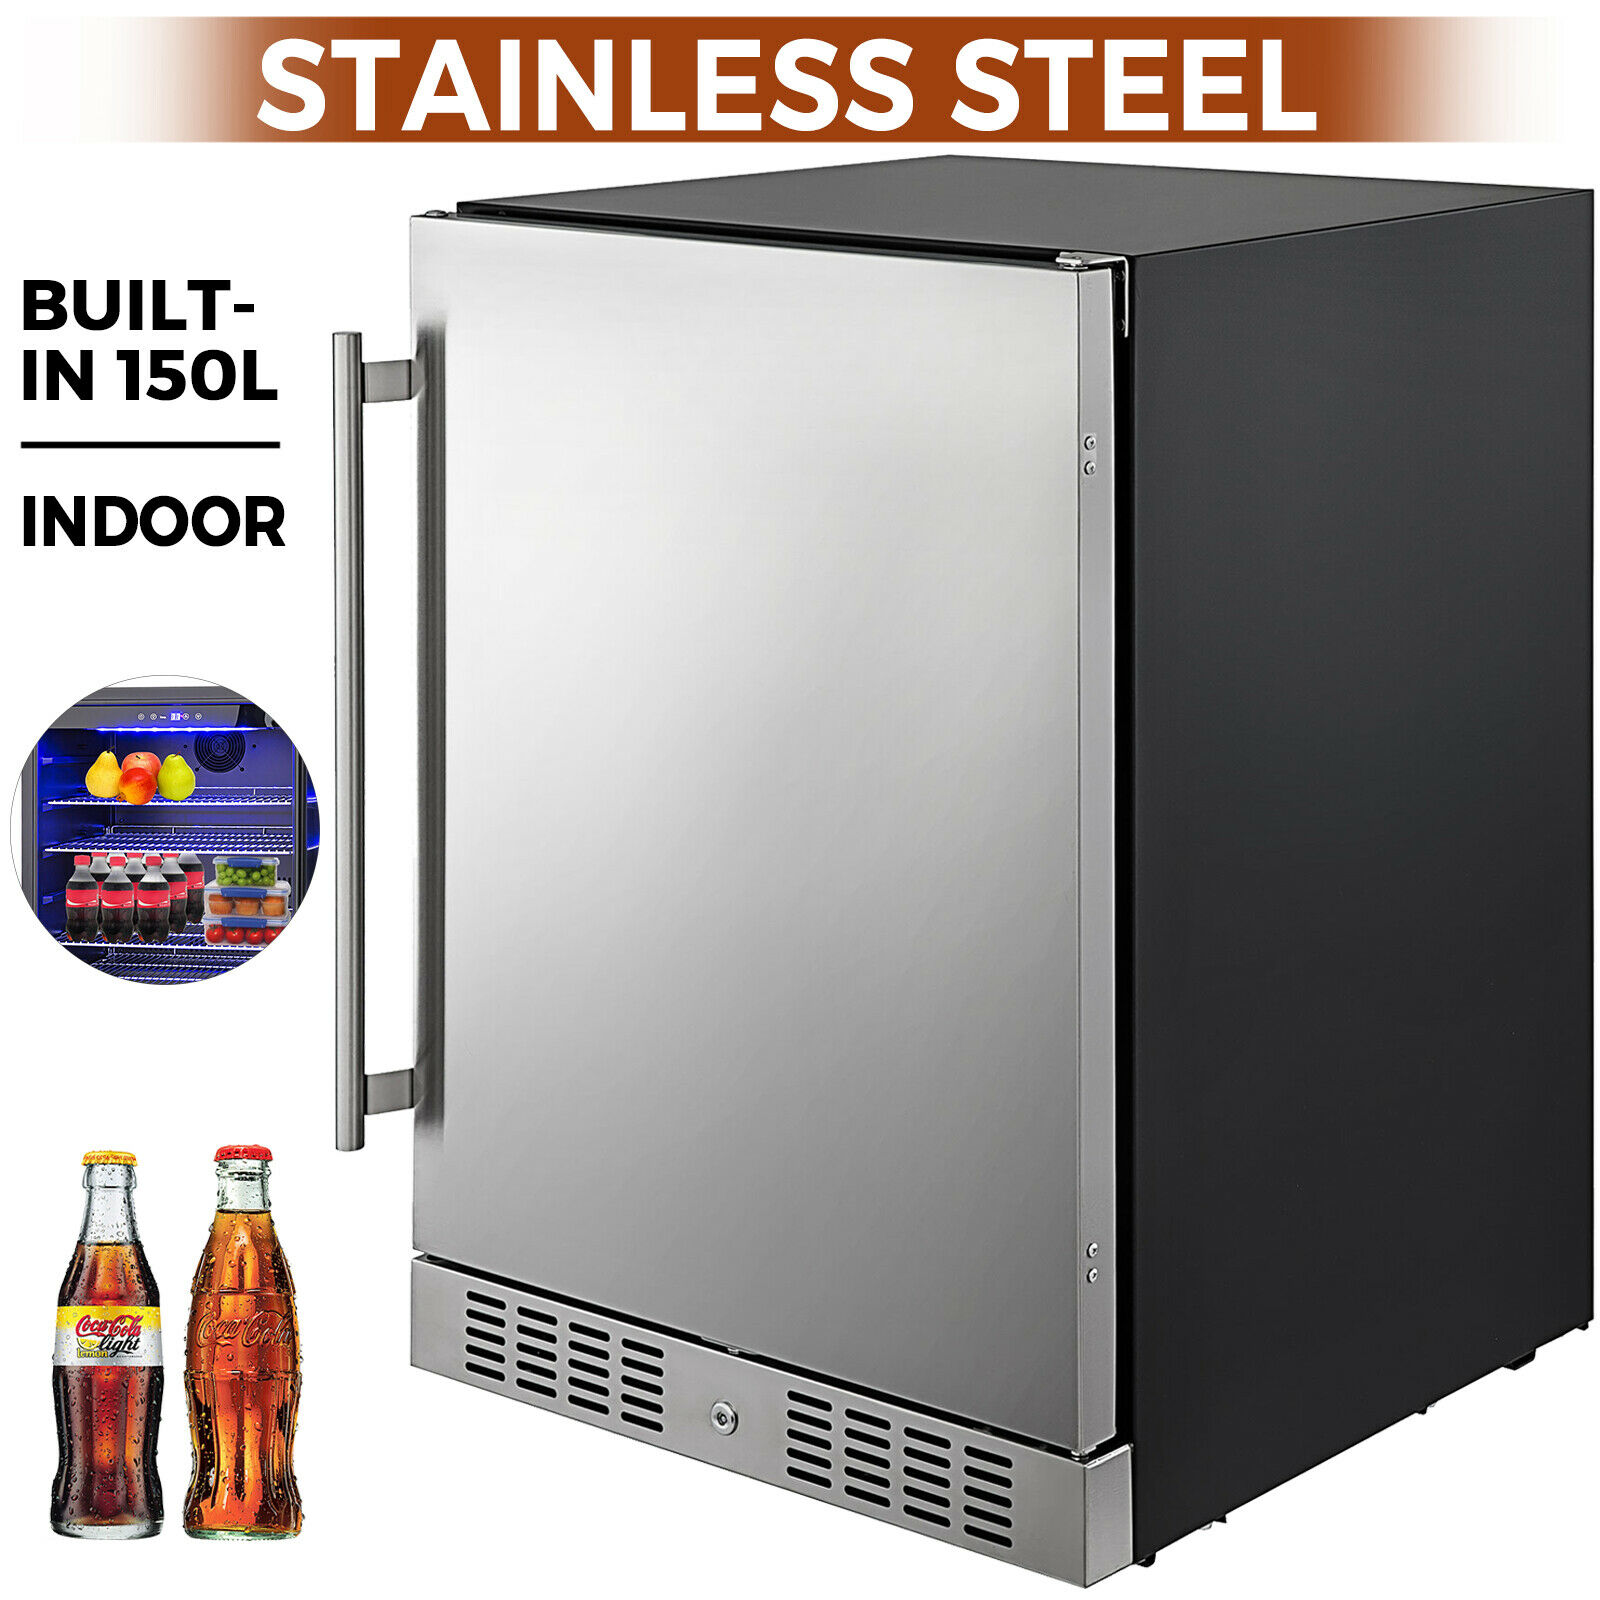 VEVOR небольшой холодильник сода и пива реверсивная дверь Нержавеющаясталь мини-холодильник с морозильной камерой для Офис коммерческого применения внутри помещений Применение 1